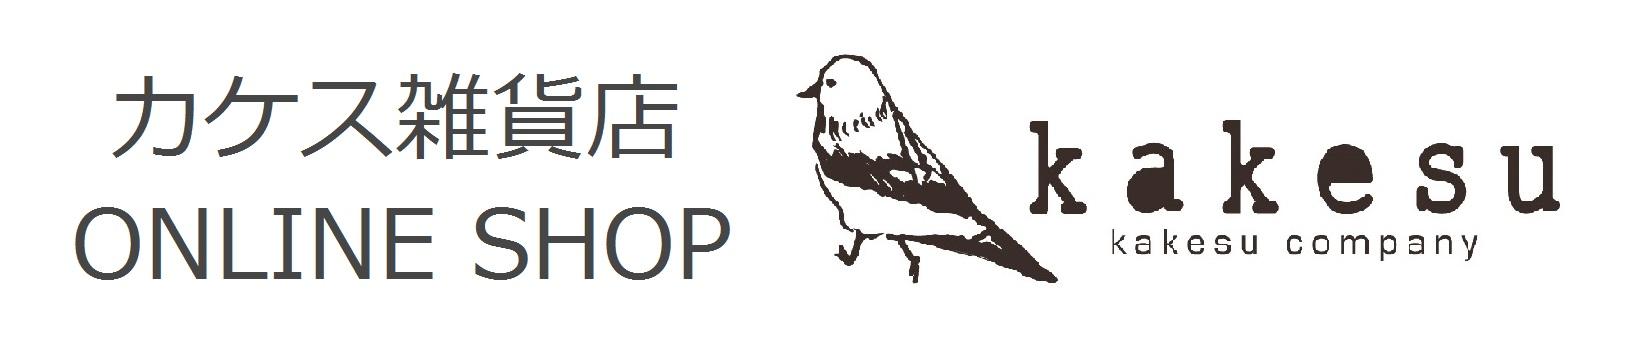 カケス雑貨店 ONLINE SHOP